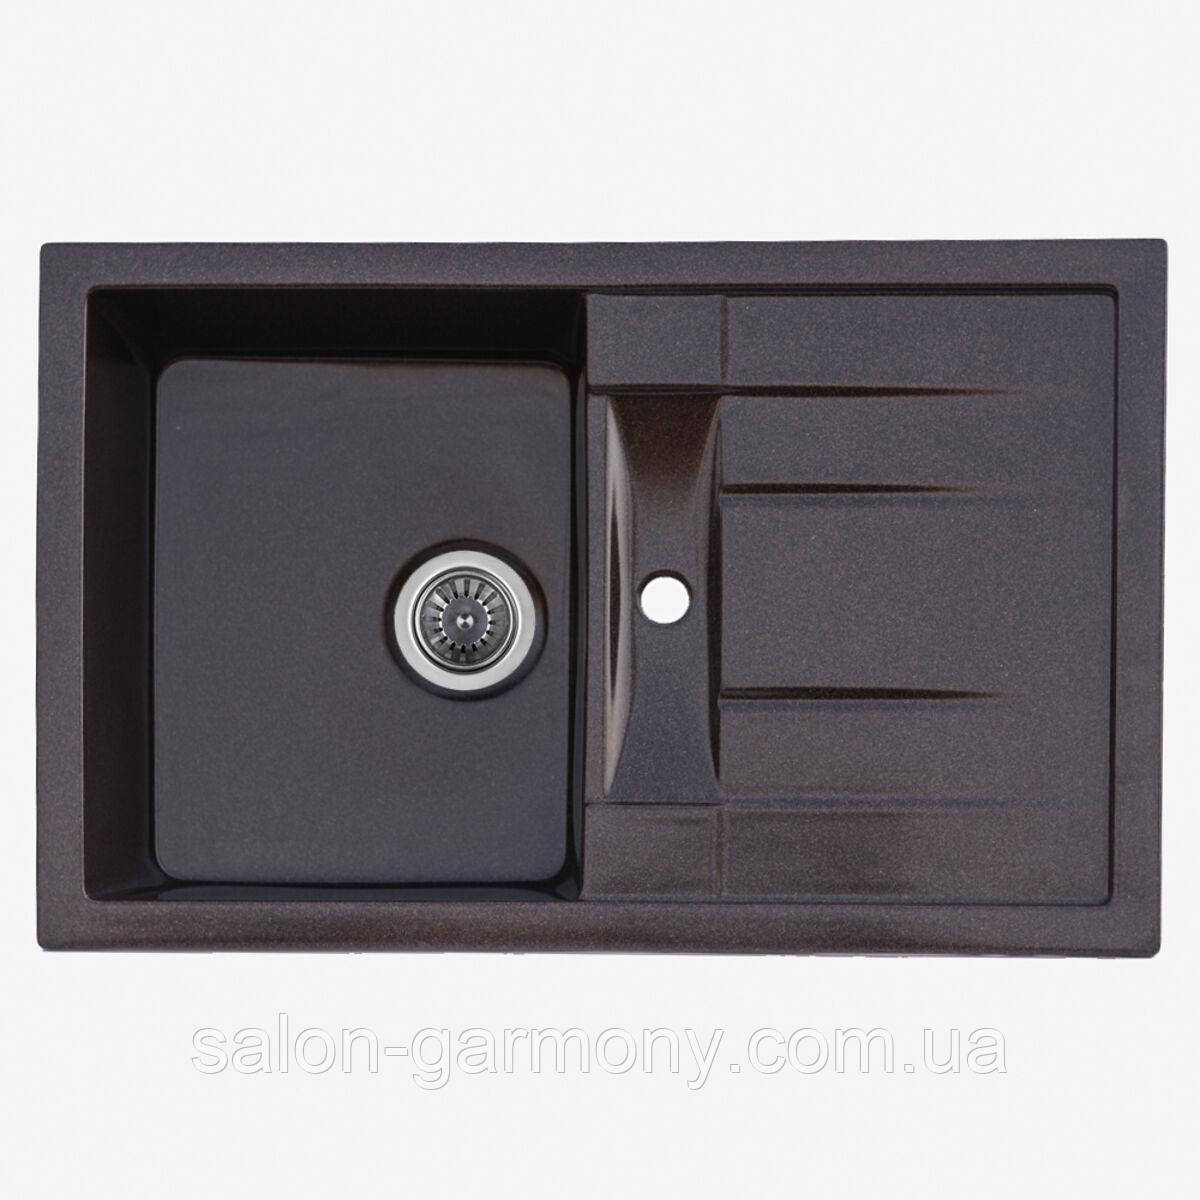 Гранитная мойка для кухни Platinum 7850 PRETSO глянец Черная